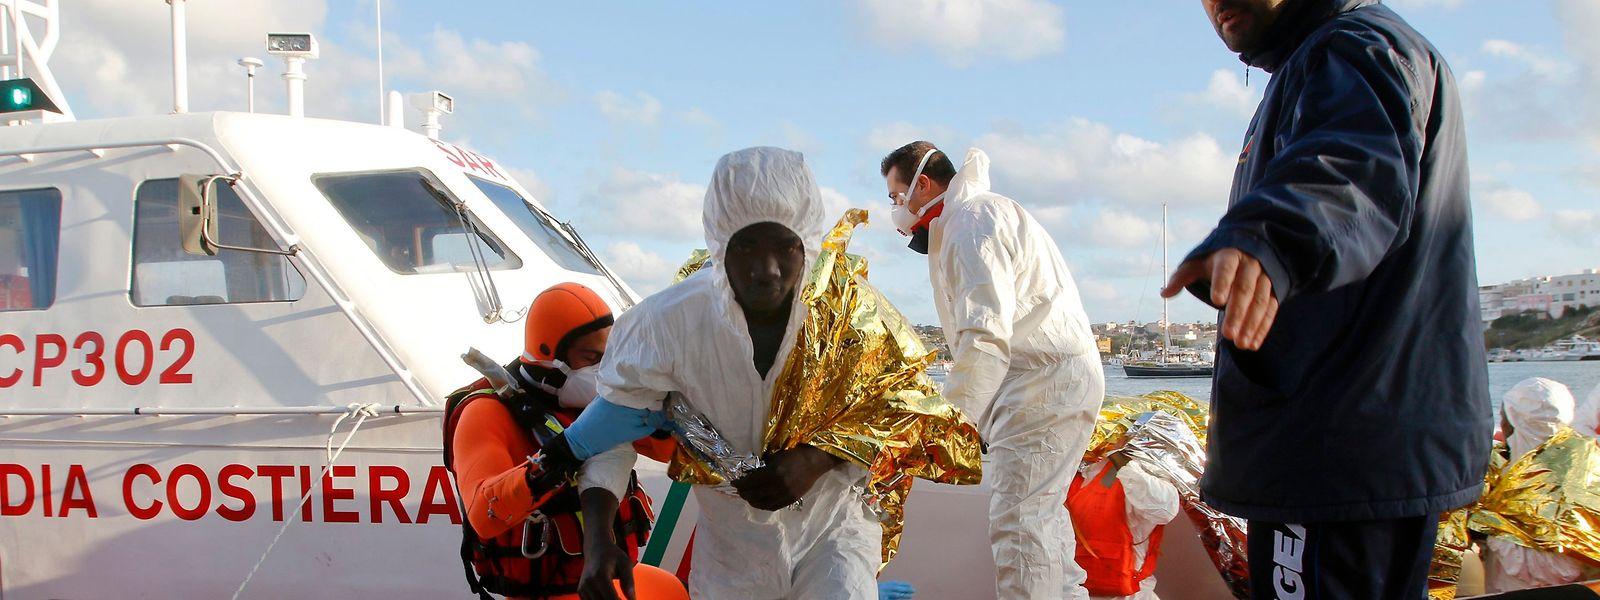 Seit Jahresbeginn haben mehr als 85.000 Gerettete die italienischen Küsten erreicht.